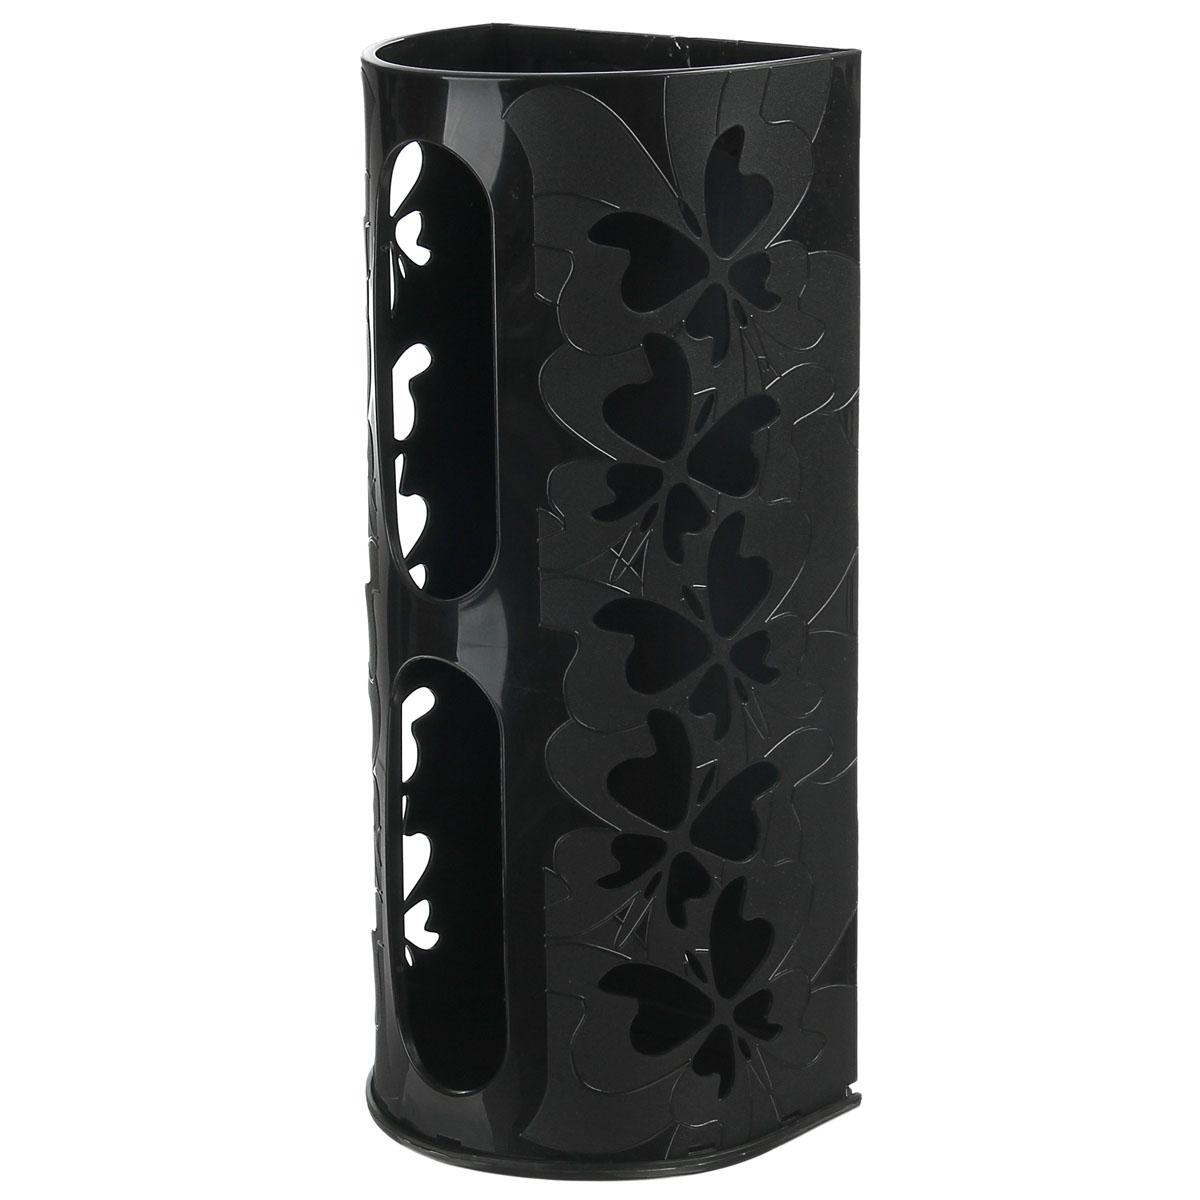 Корзина для пакетов Berossi Fly, цвет: черный868663Корзина для пакетов Berossi Fly, изготовлена из высококачественного пластика. Эта практичная корзина наведет порядок в кладовке или кухонном шкафу и позволит хранить пластиковые пакеты или хозяйственные сумочки во всегда доступном месте! Изделие декорировано резным изображением бабочек. Корзина просто подвешивается на дверь шкафчика изнутри или снаружи, в зависимости от назначения. Корзина для пакетов Berossi Fly будет замечательным подарком для поддержания чистоты и порядка. Она сэкономит место, гармонично впишется в интерьер и будет радовать вас уникальным дизайном. Размер корзины (в собранном виде): 37 х 13 х 16 см.